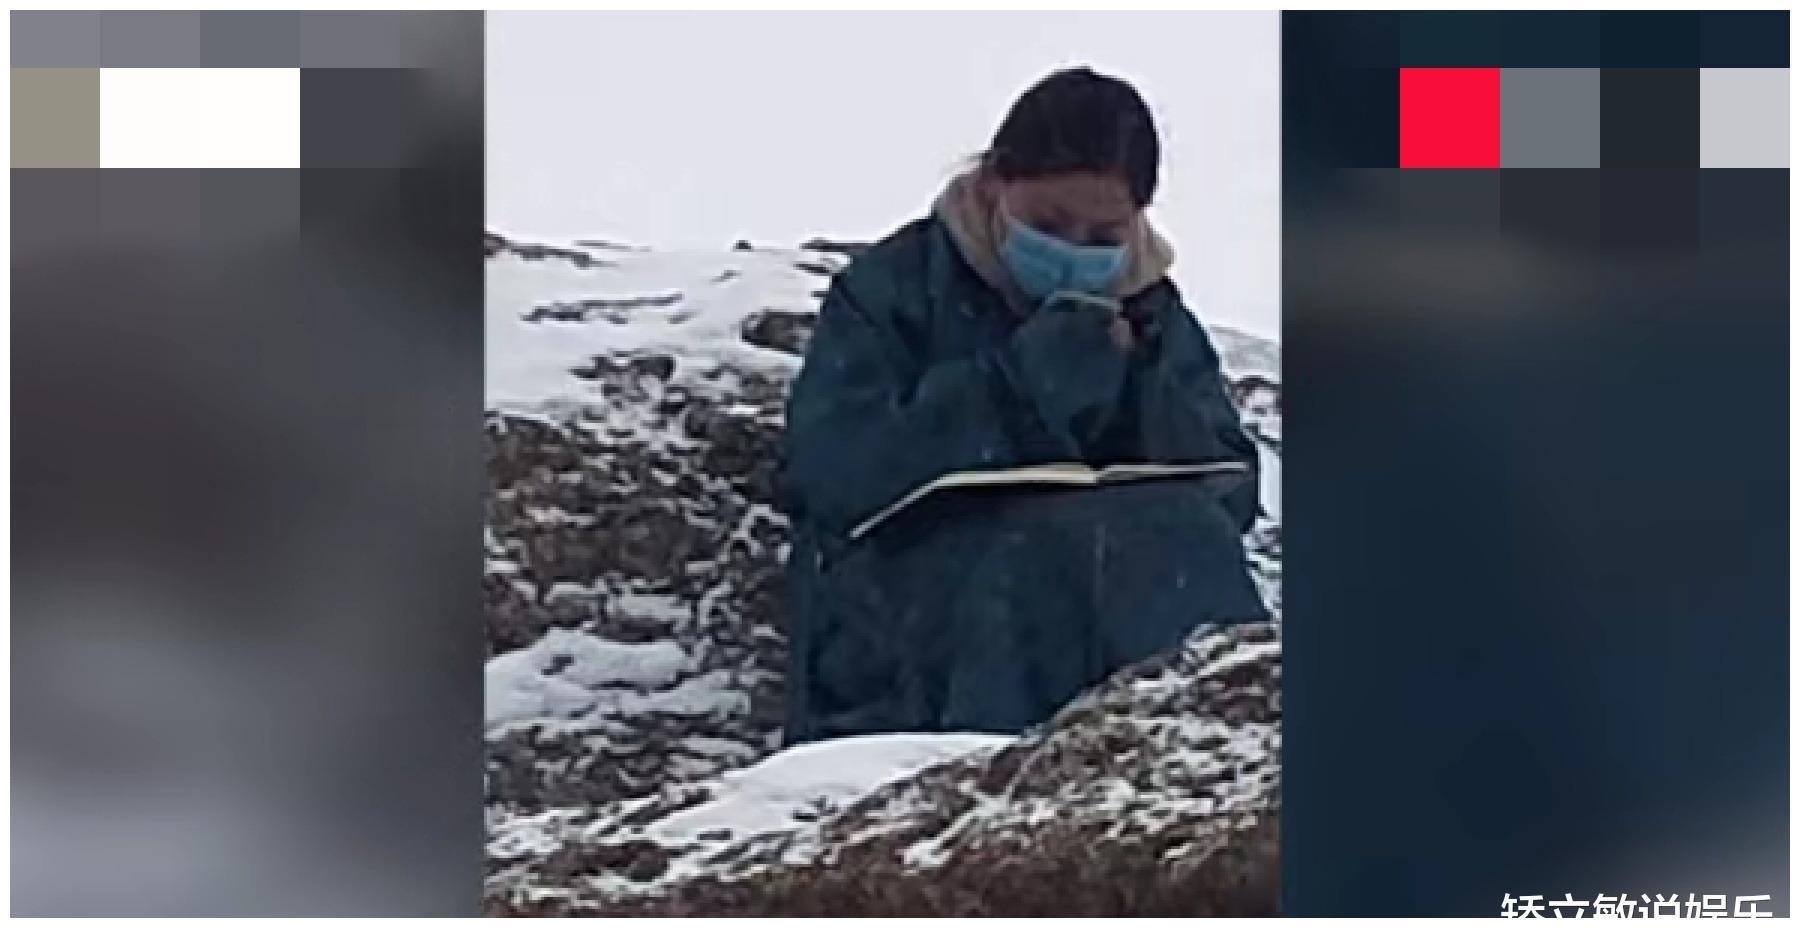 西藏女孩海拔4800米雪地找信号上网课,网友:这才是勤学者的高度图2